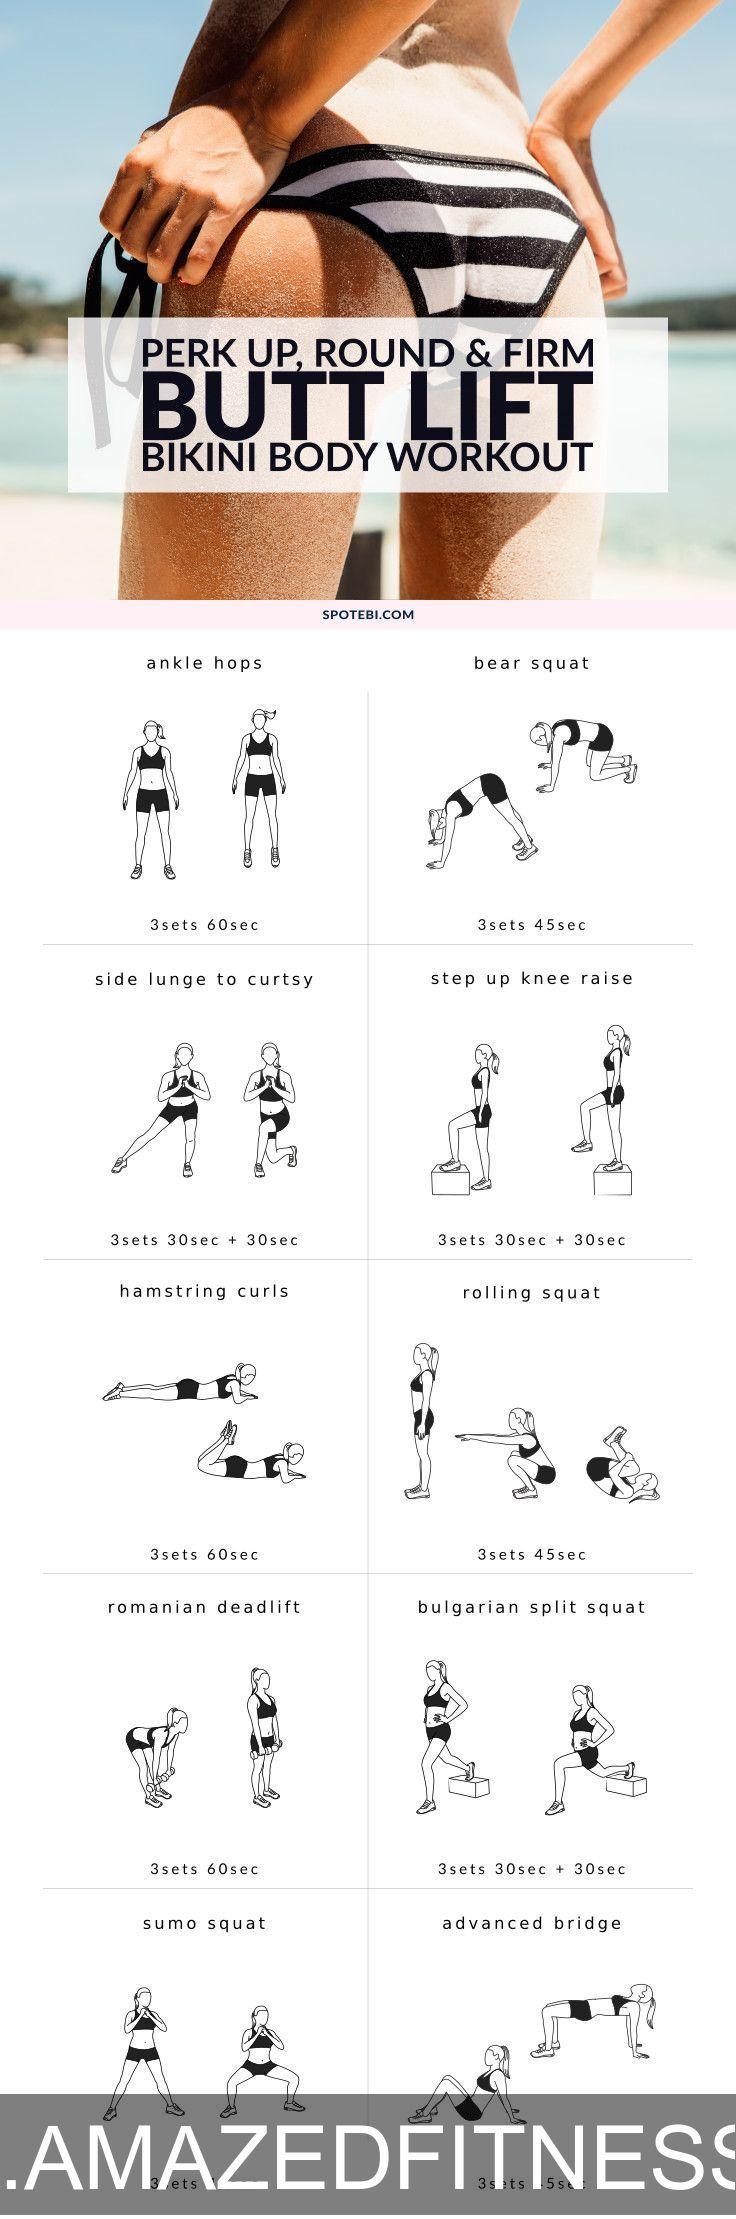 #butt  #Fitness #Bkini